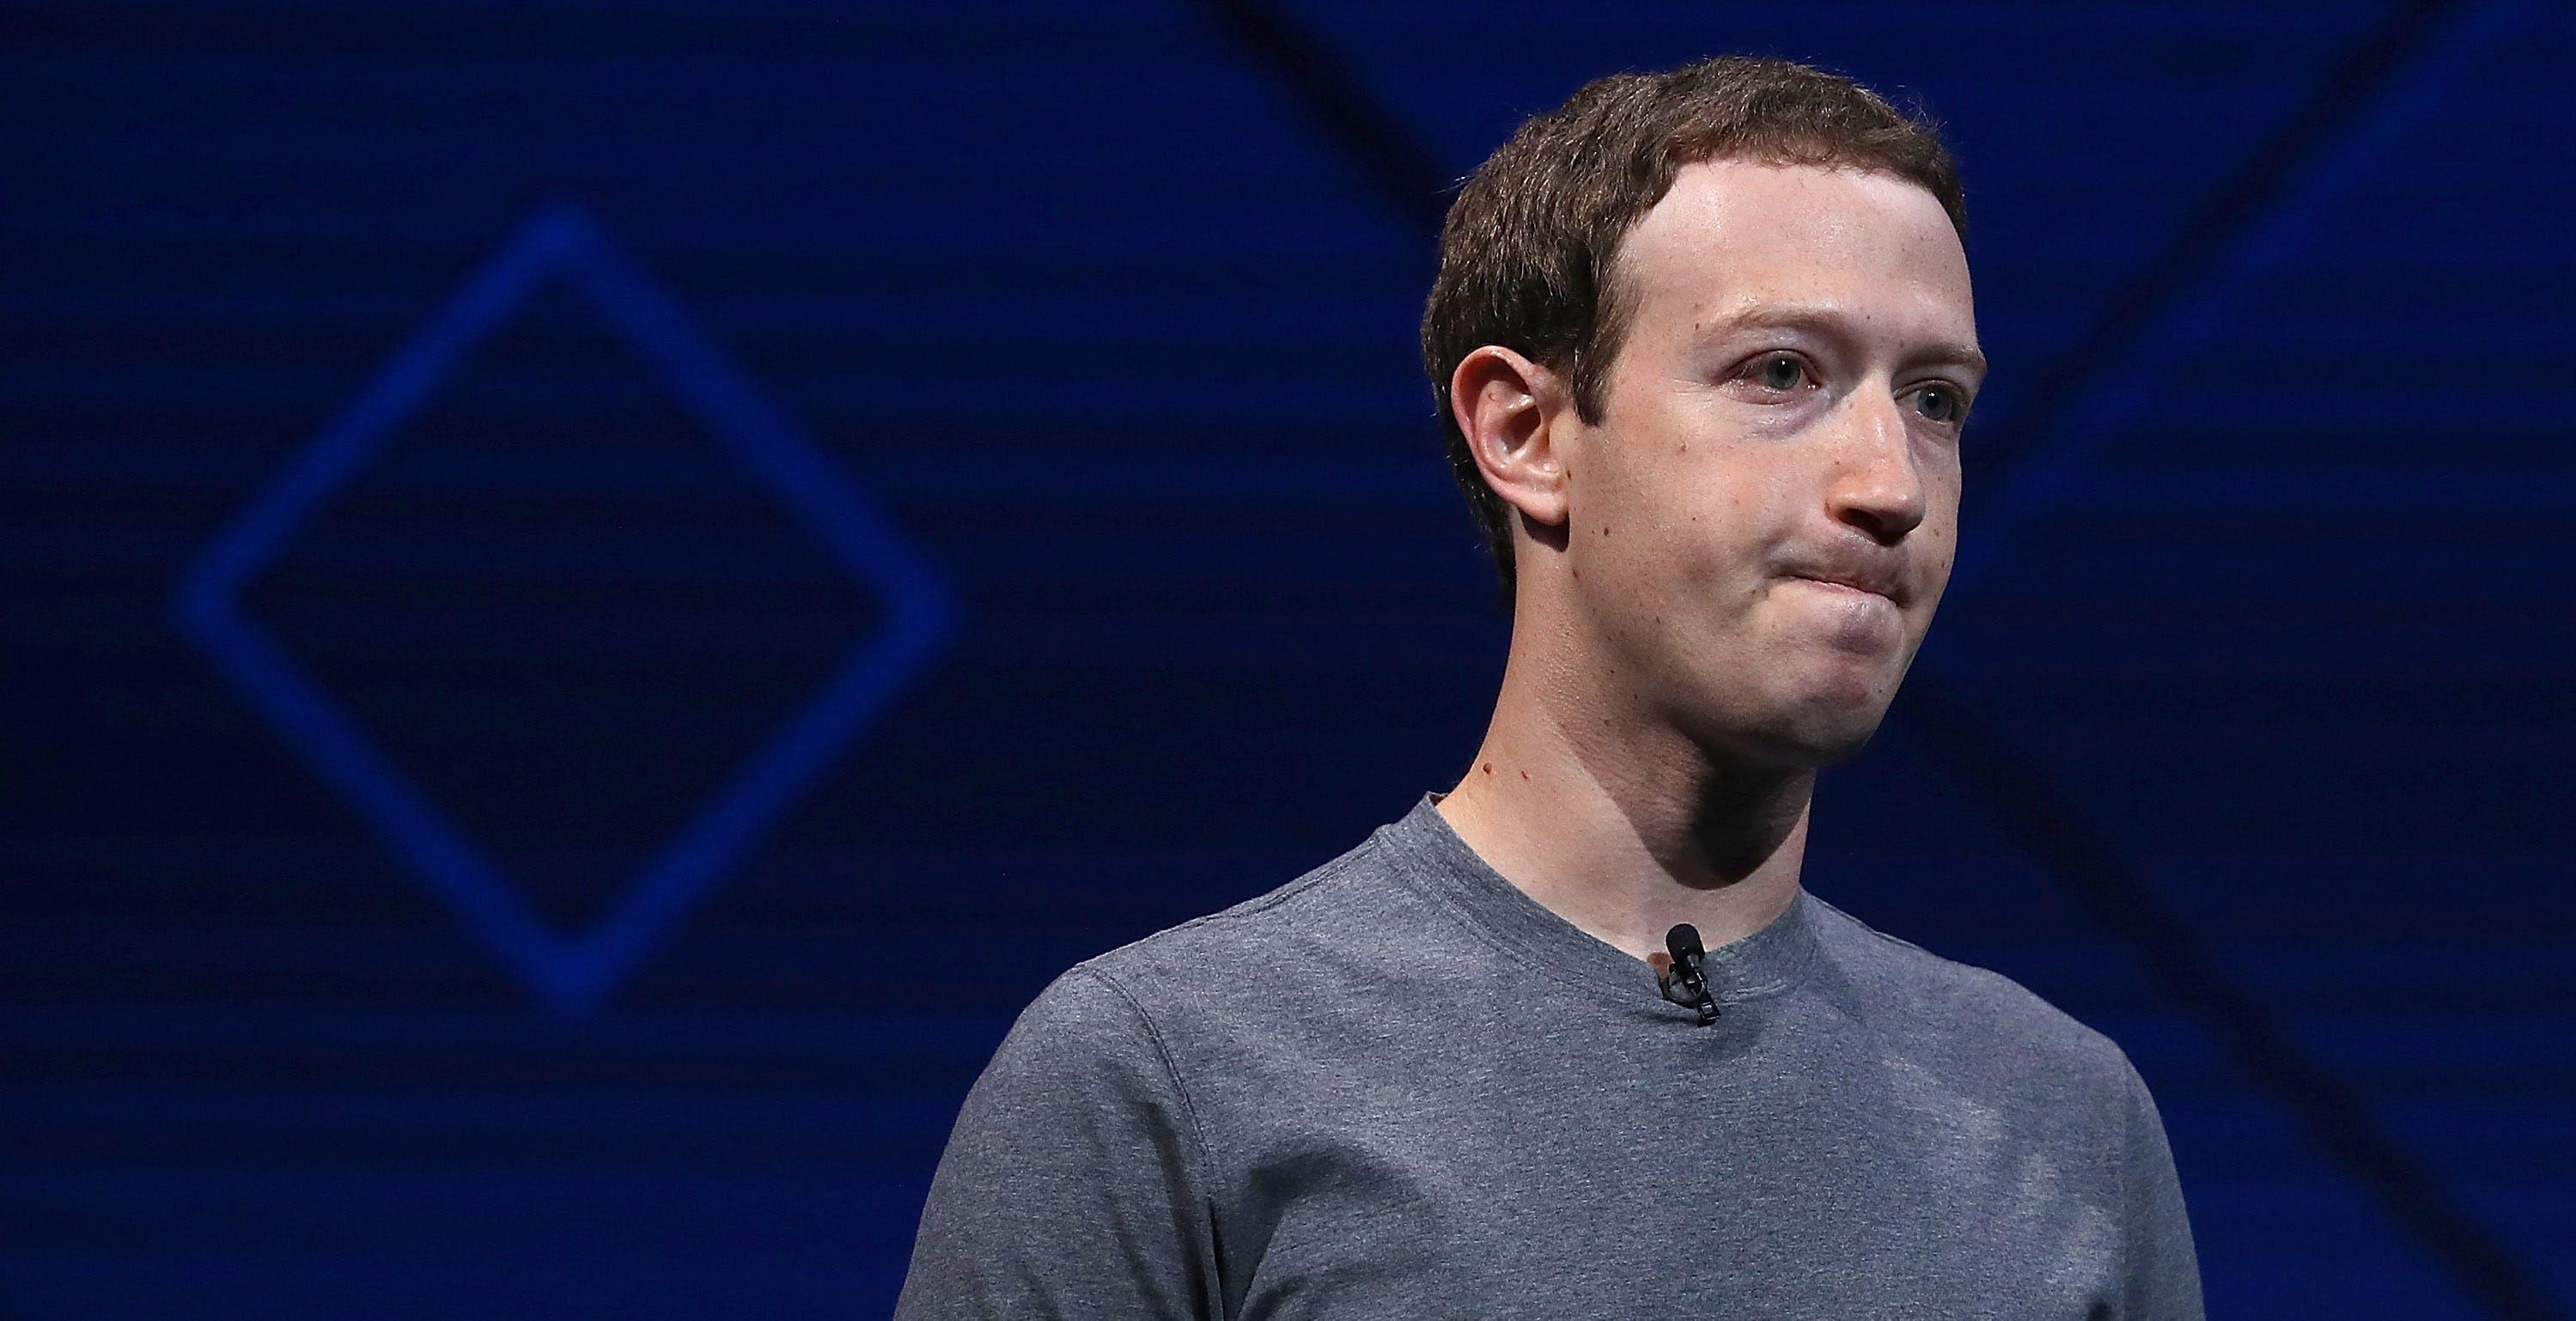 Facebook sotto accusa: 5.8 milioni di utenti privilegiati possono fare quello che vogliono